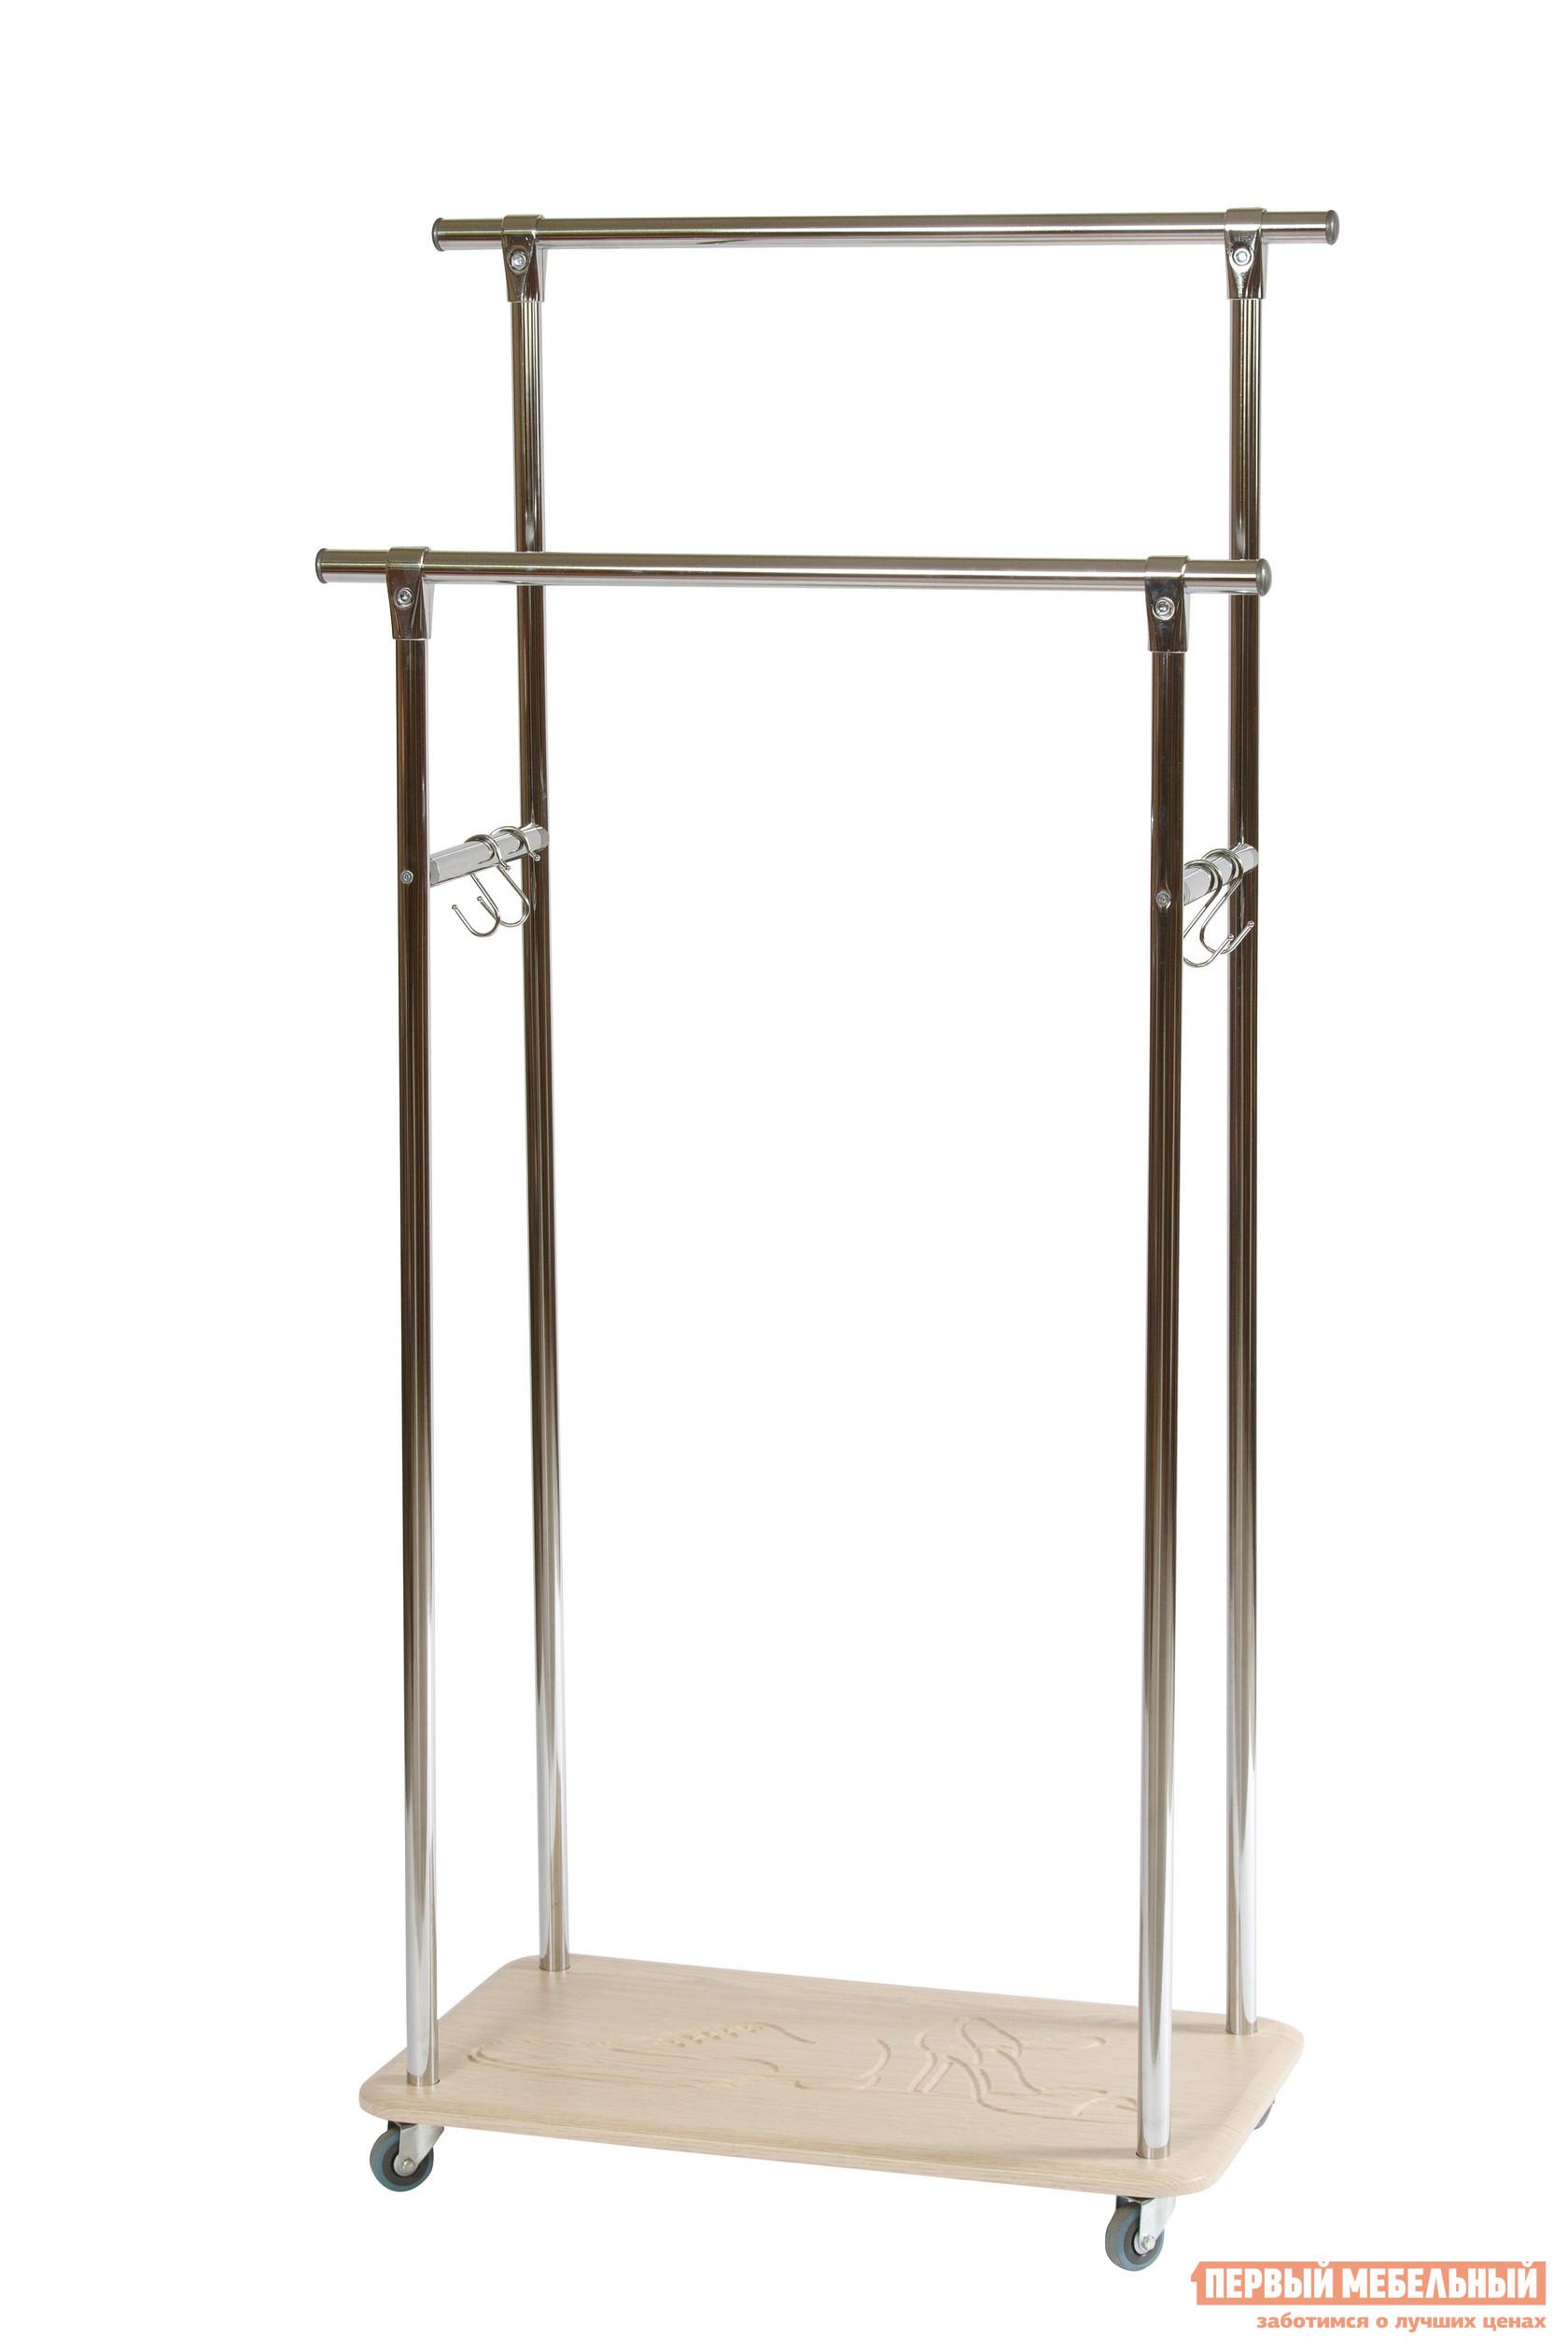 Гардеробная вешалка Калифорния мебель Кейп Дуб беленый